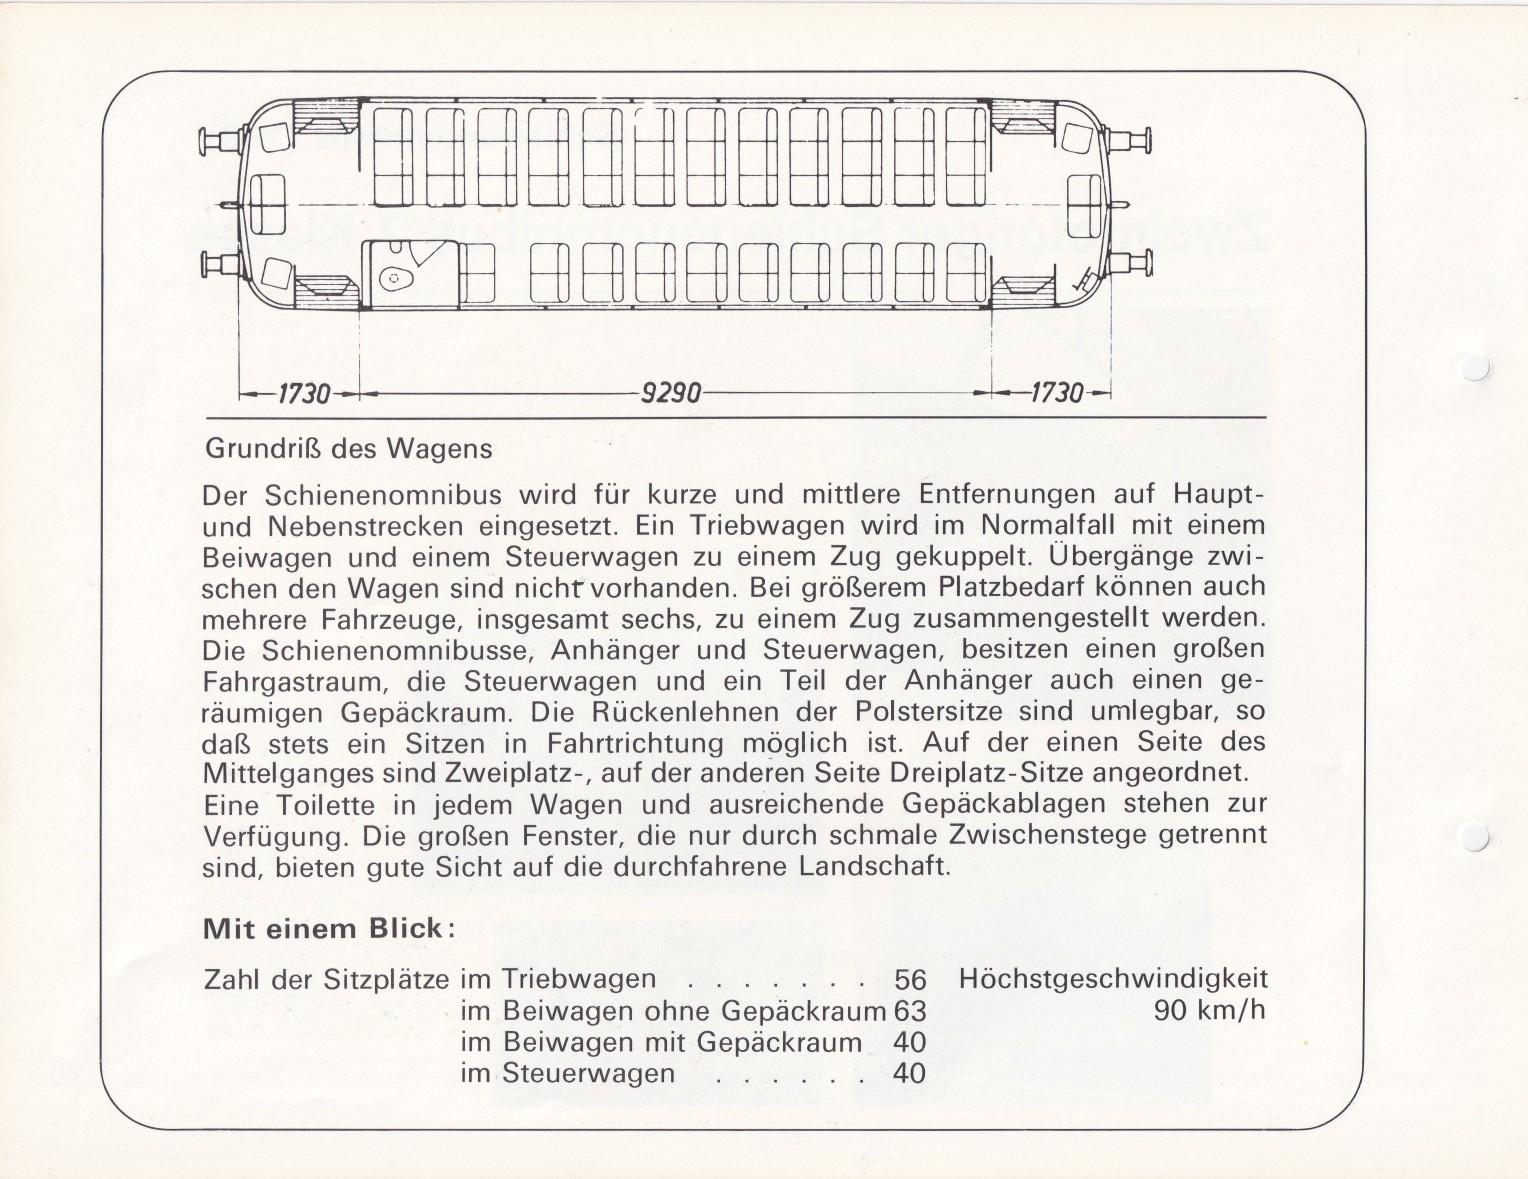 https://www.nullclub.de/hifo/Fahrzeuglexikon/Wagen48b.jpg